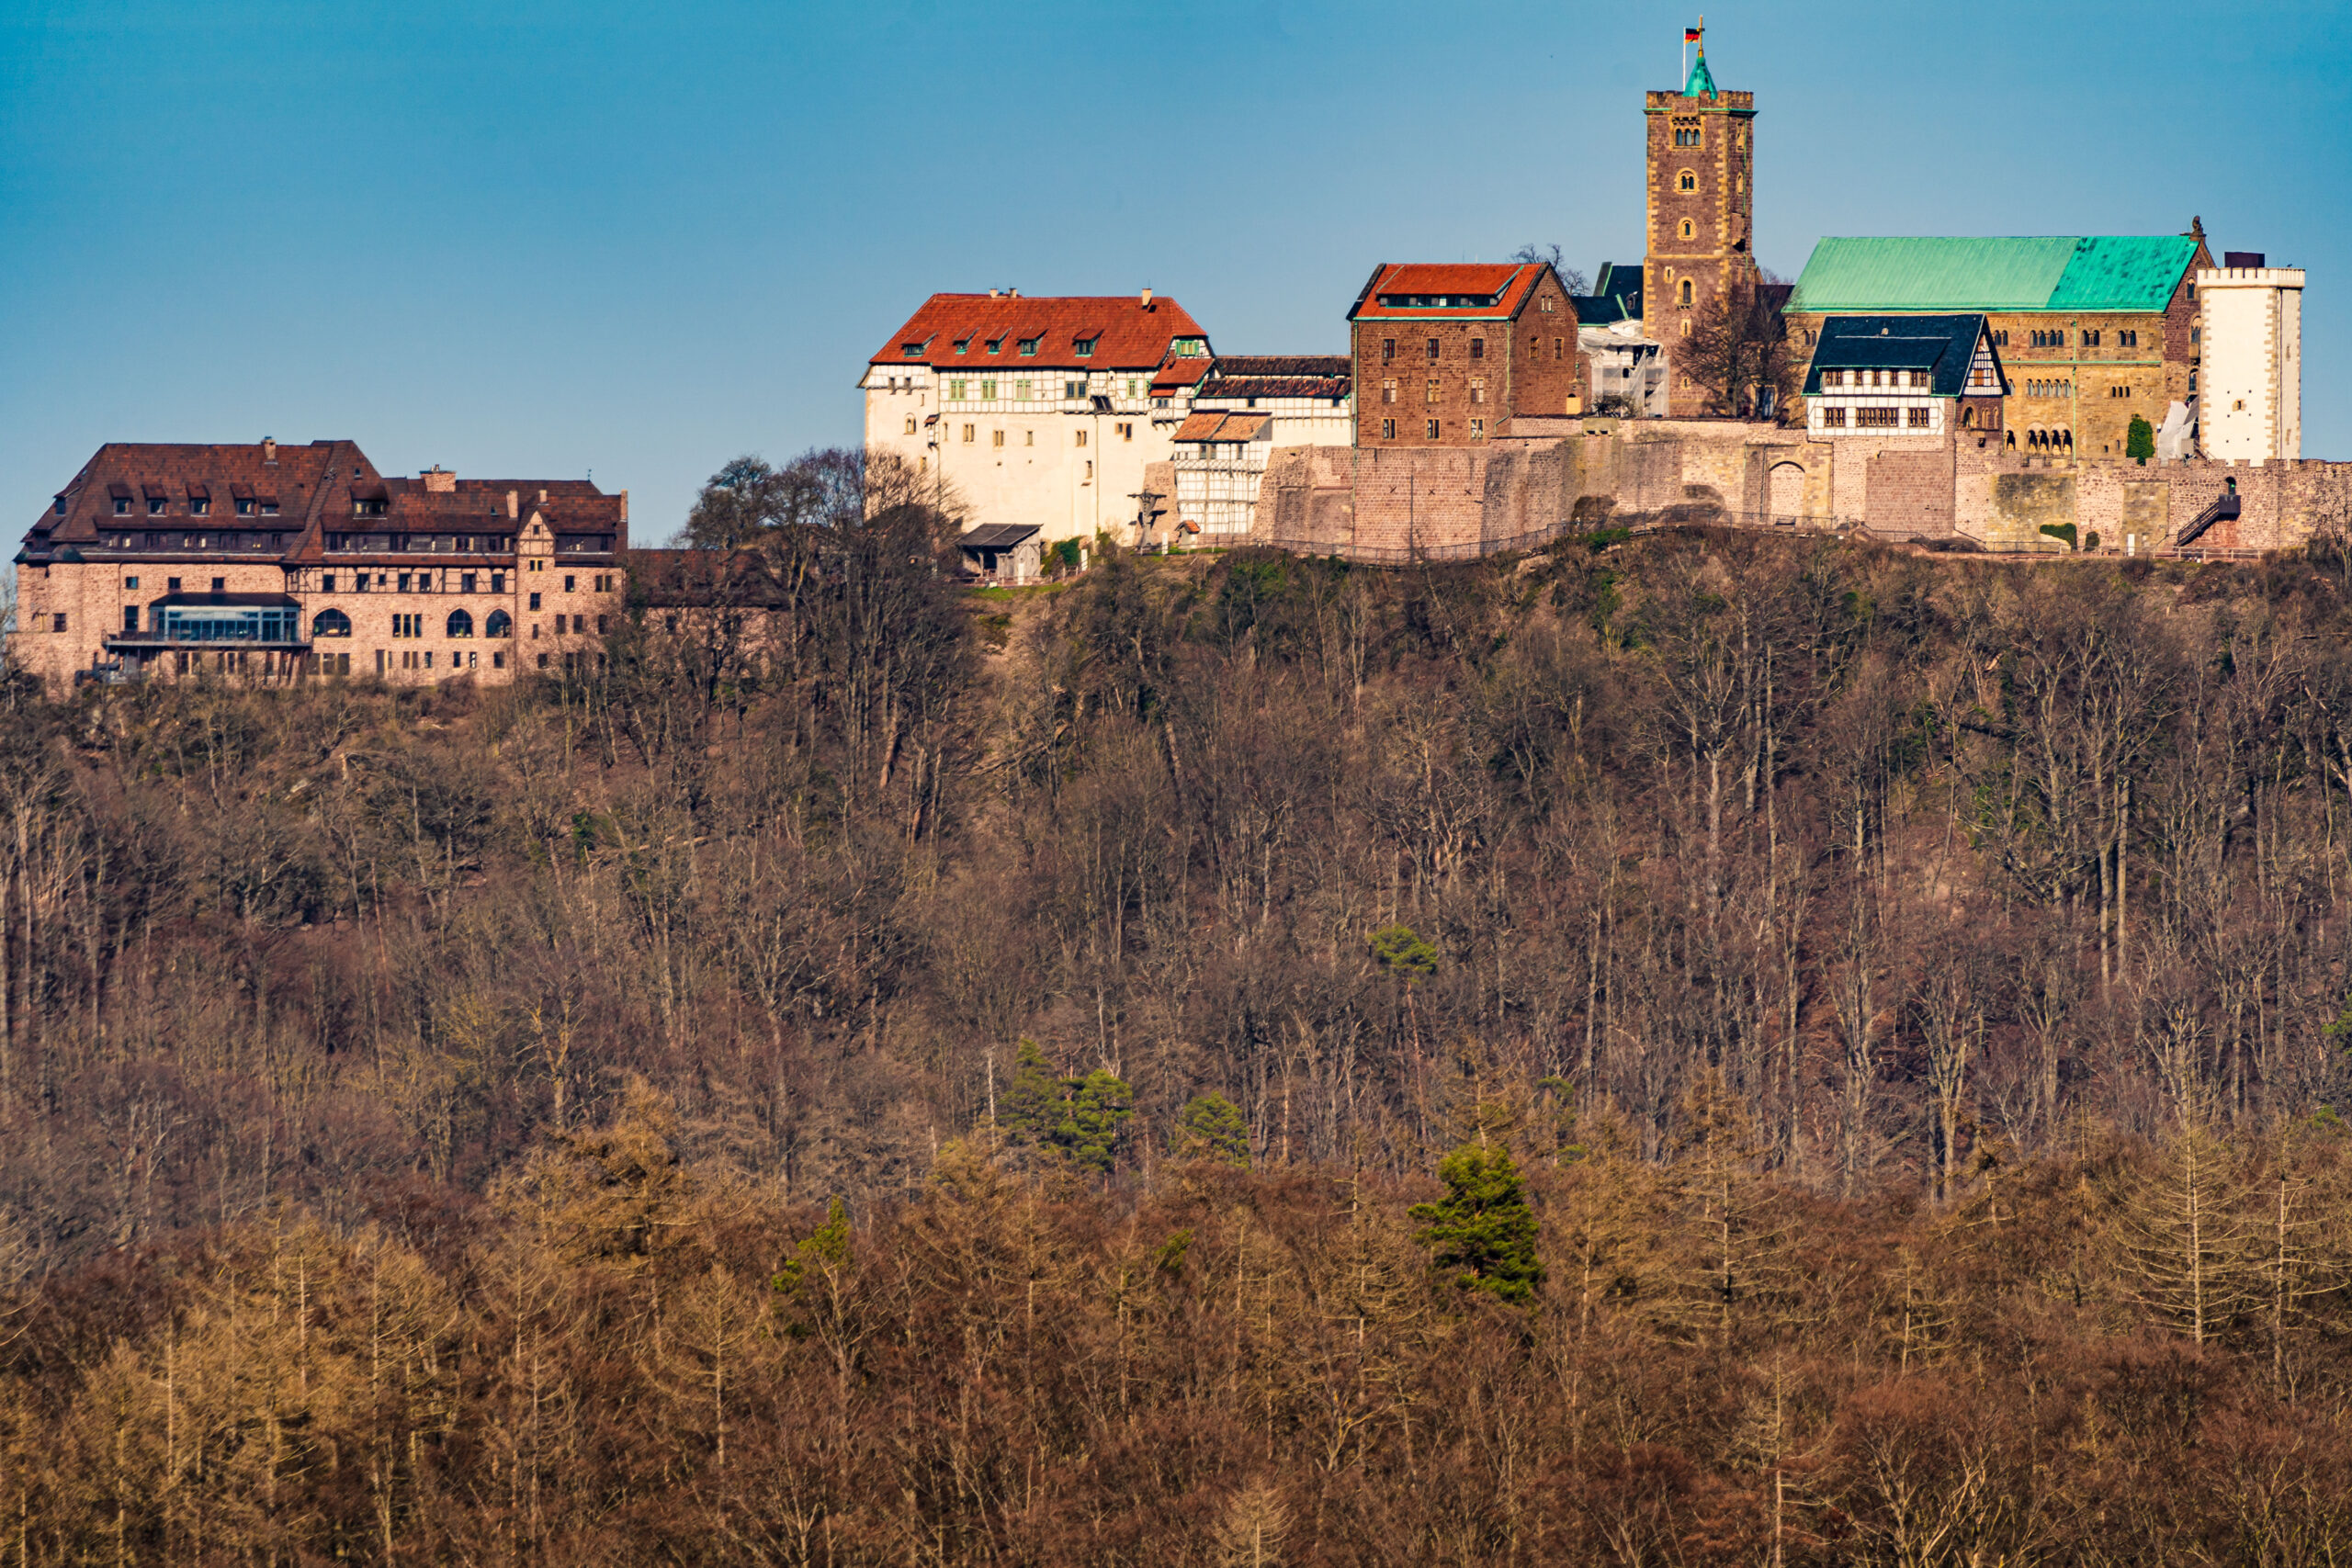 Thüringen, Wartburgblick am Rennsteig